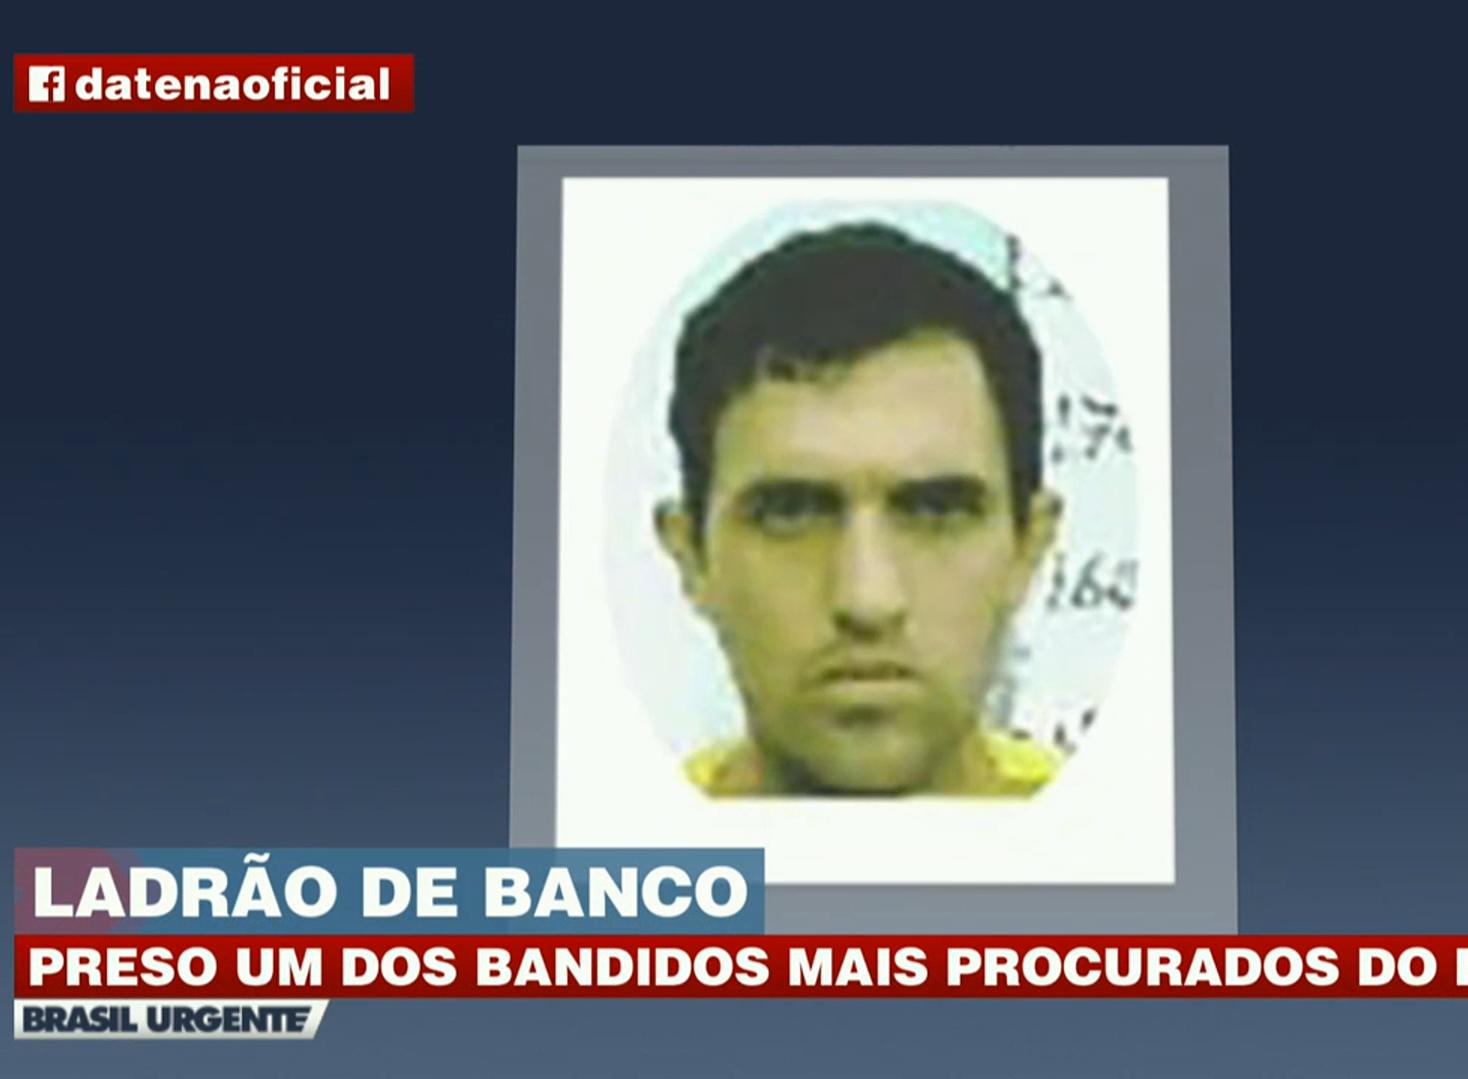 Polícia Civil de São Paulo prende um dos criminosos mais procurados do país